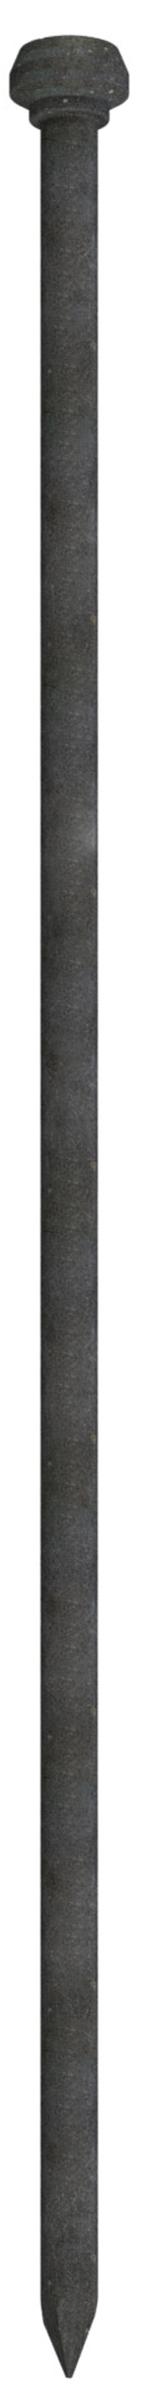 Schake Erdnagel Typ 1 einfacher Kopf - Set